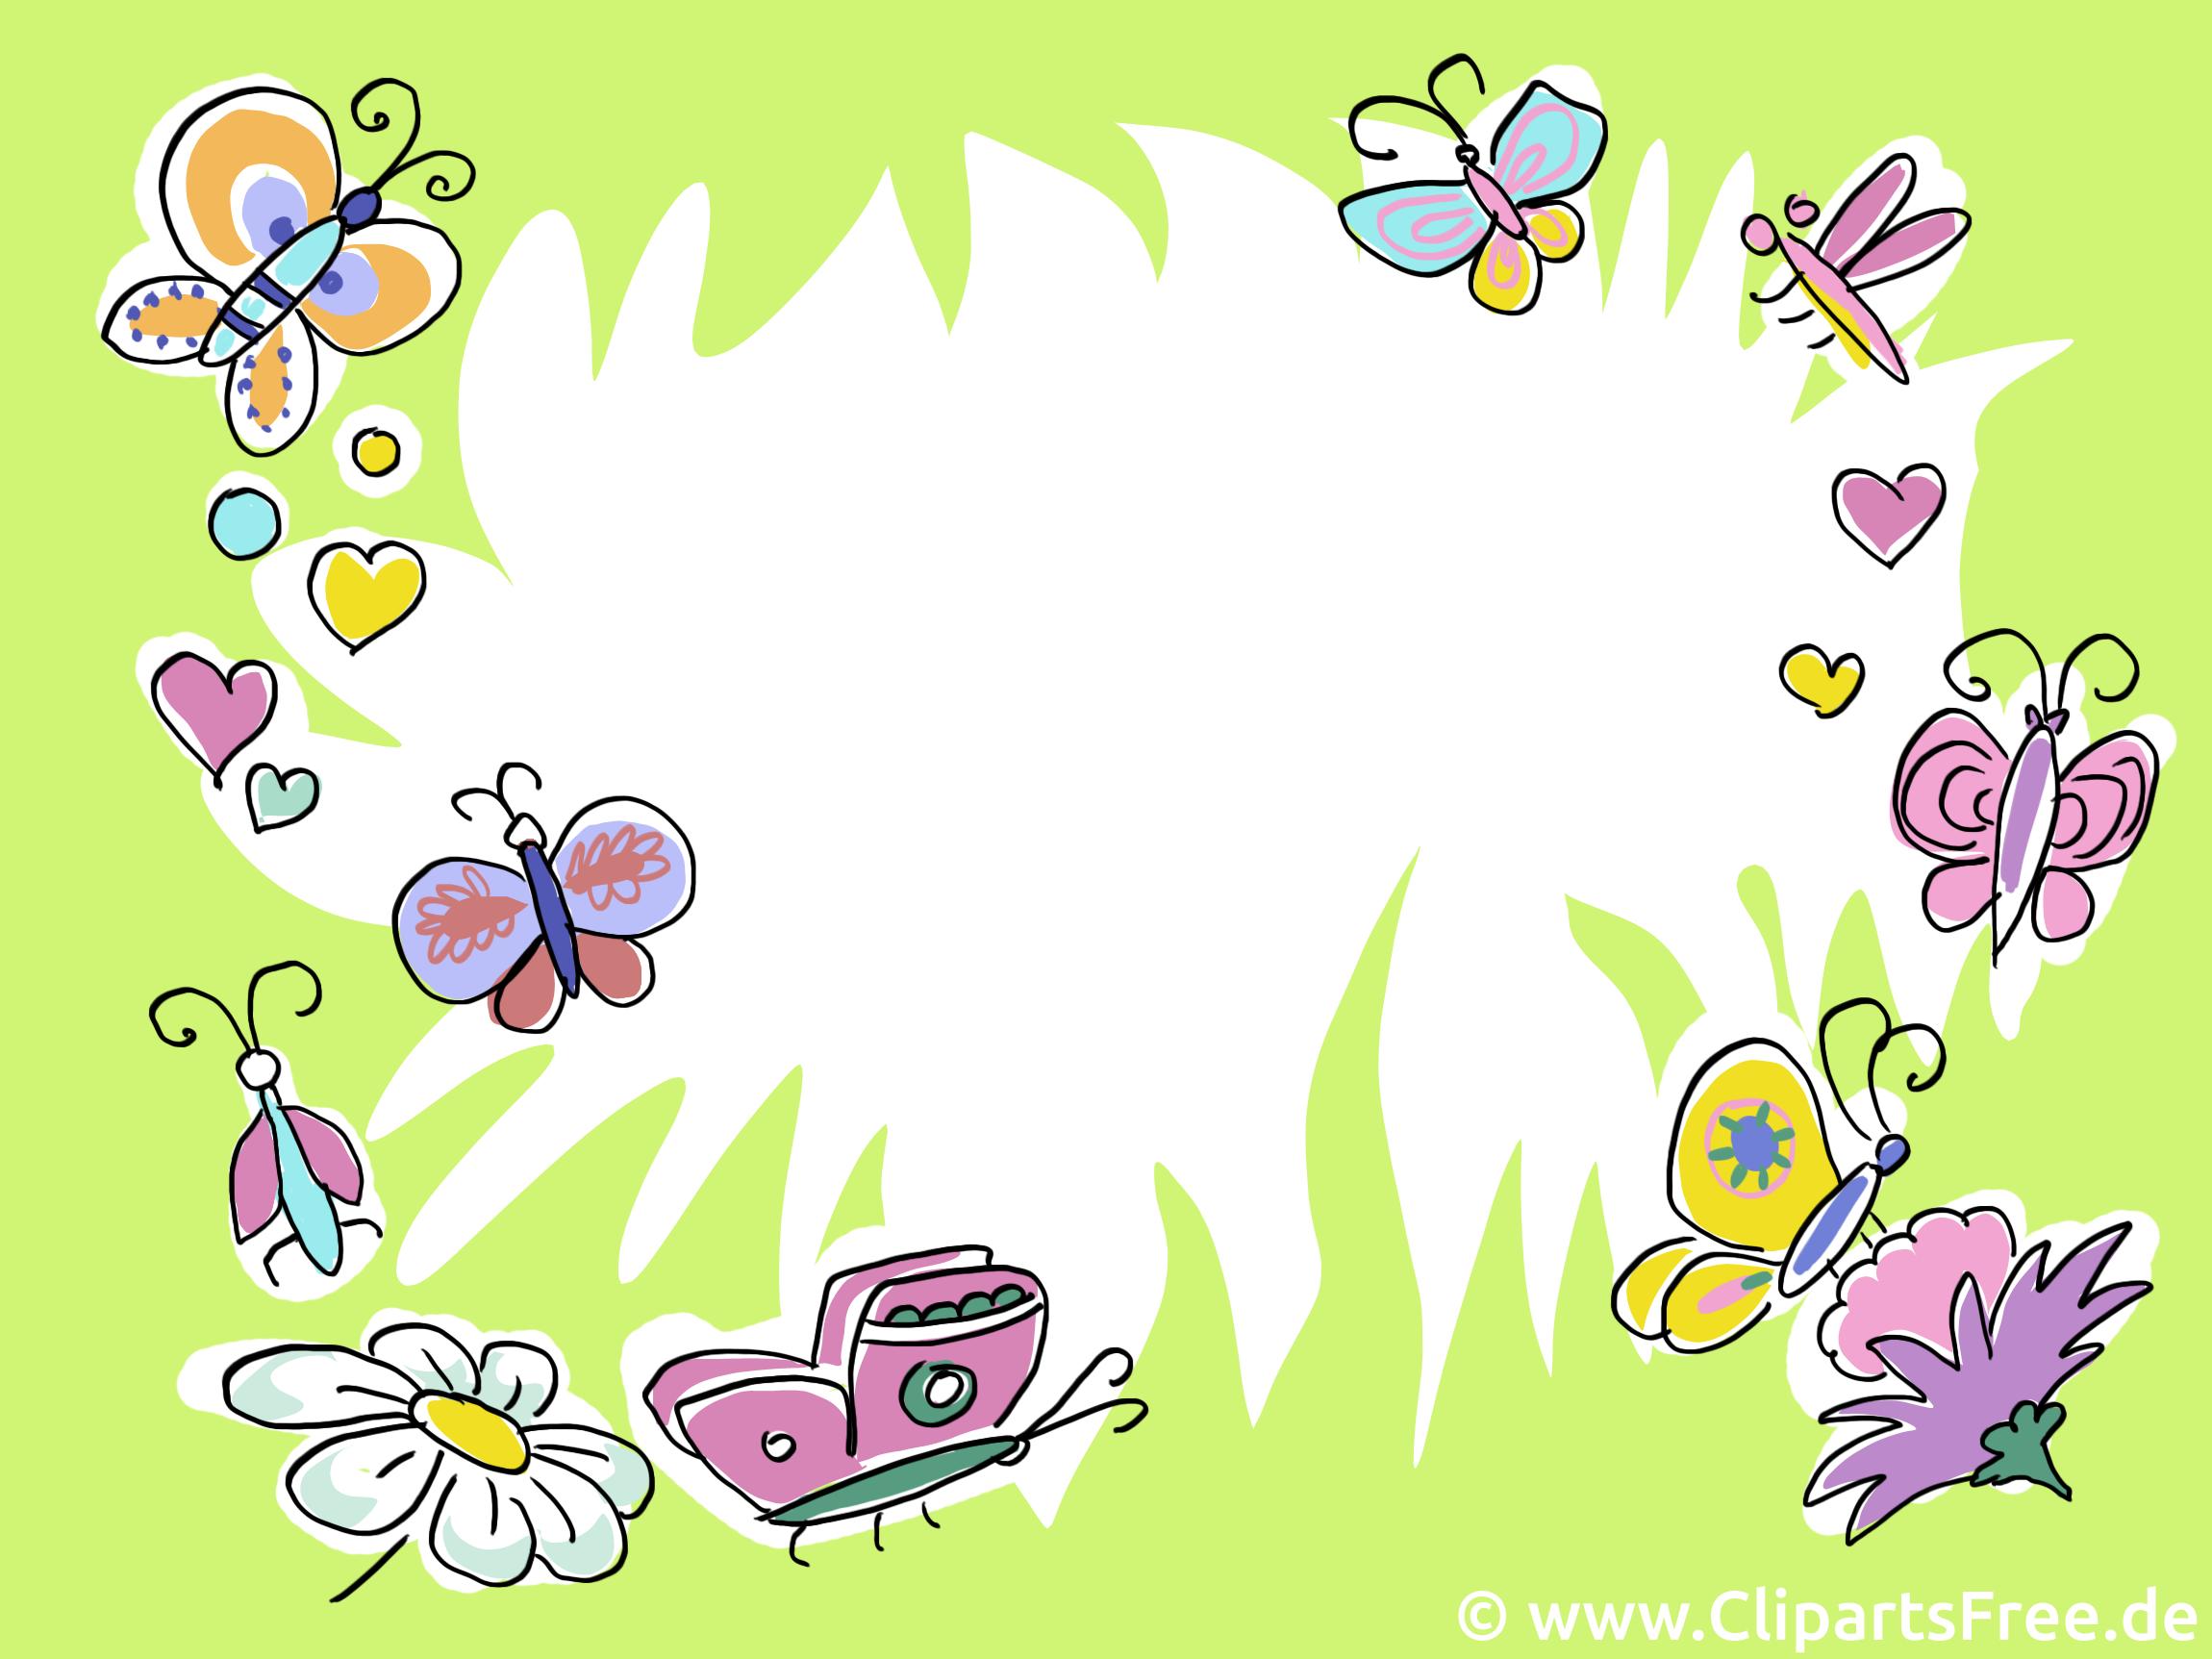 Papillons clipart gratuit fonds d 39 cran images fonds d cran dessin picture image graphic - Image papillon gratuit ...